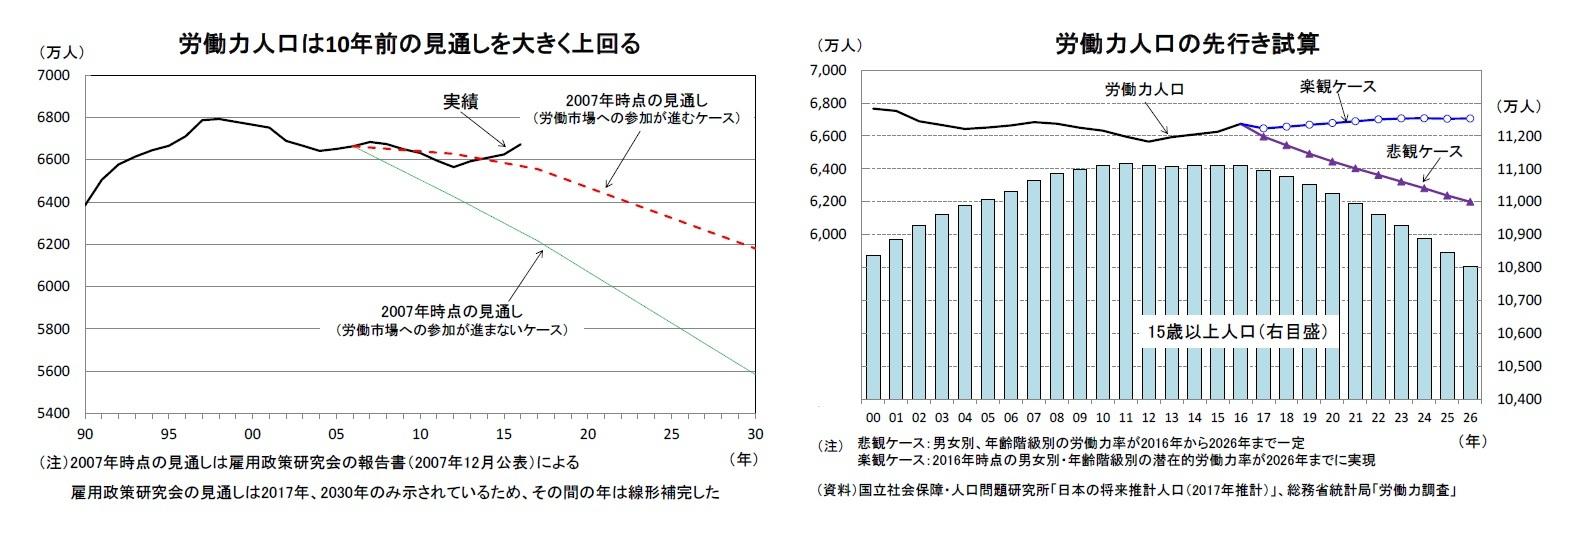 労働力人口は10年前の見通しを大きく上回る/労働力人口の先行き試算